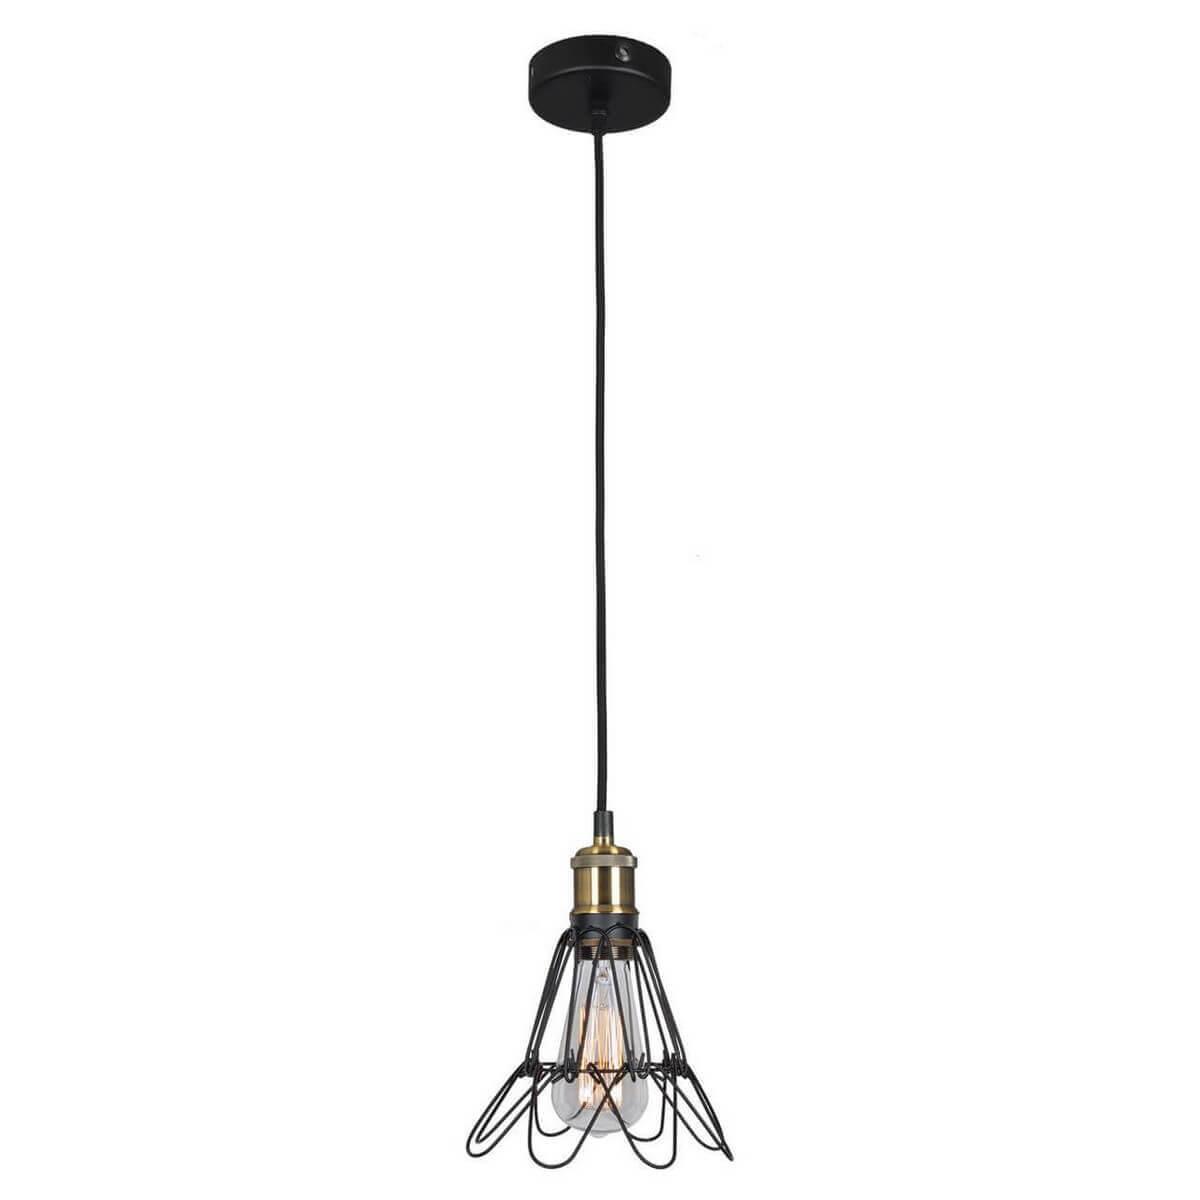 Подвесной светильник Lussole Loft VII LSP-9609 подвесной светильник lussole loft vii lsp 9609